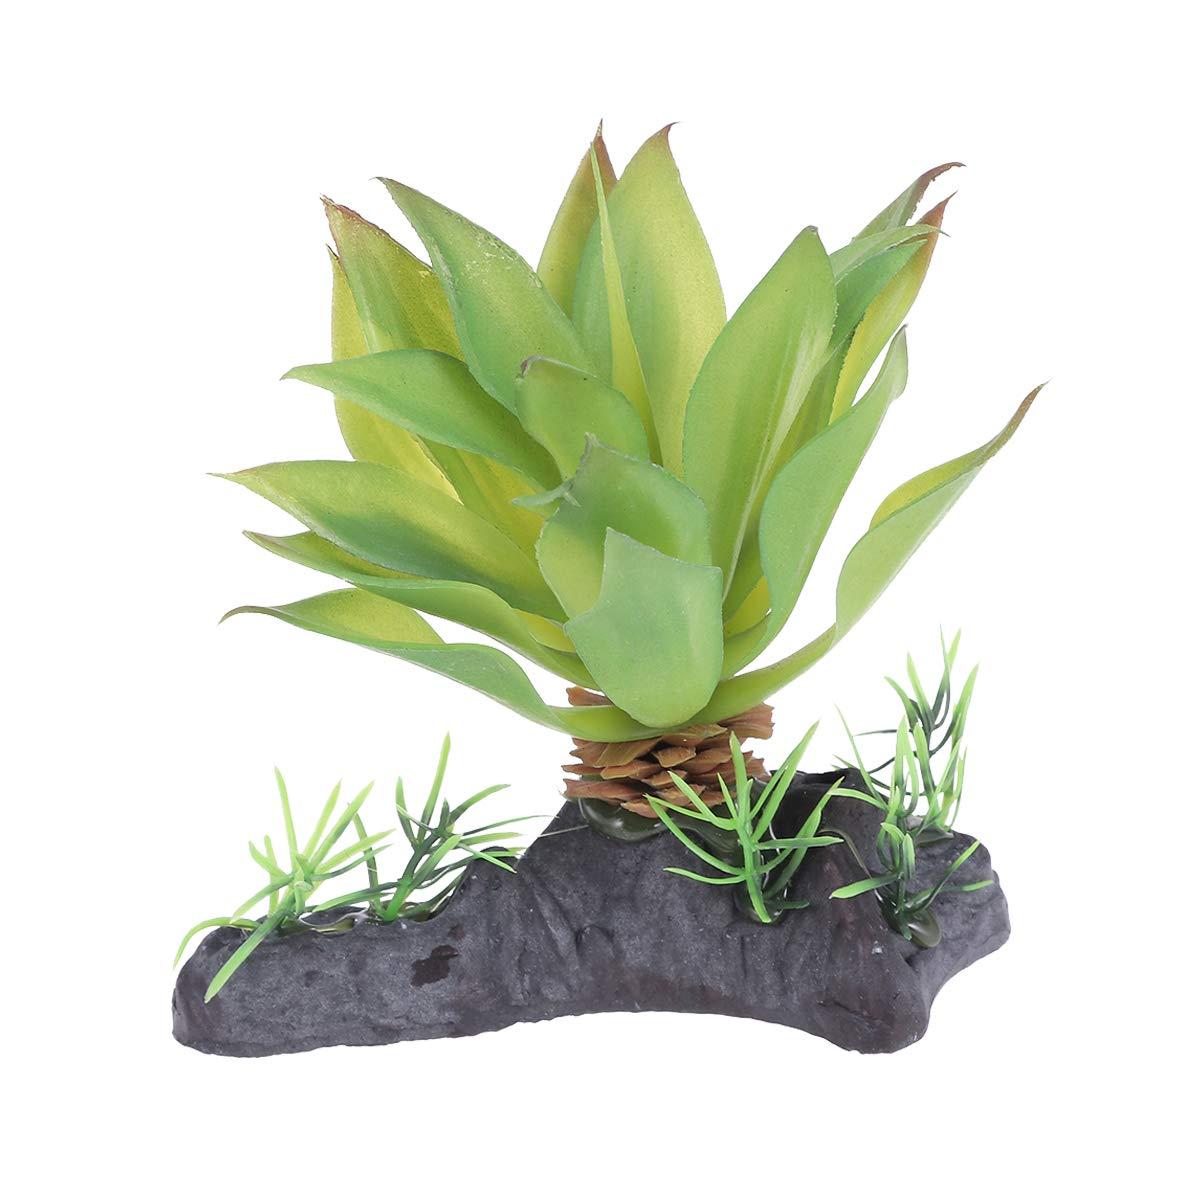 POPETPOP - Adorno decorativo para maceta de plantas de jardín de hadas, plantas suculentas artificiales, para reptiles, anfibios, tortugas (verde): Amazon.es: Jardín